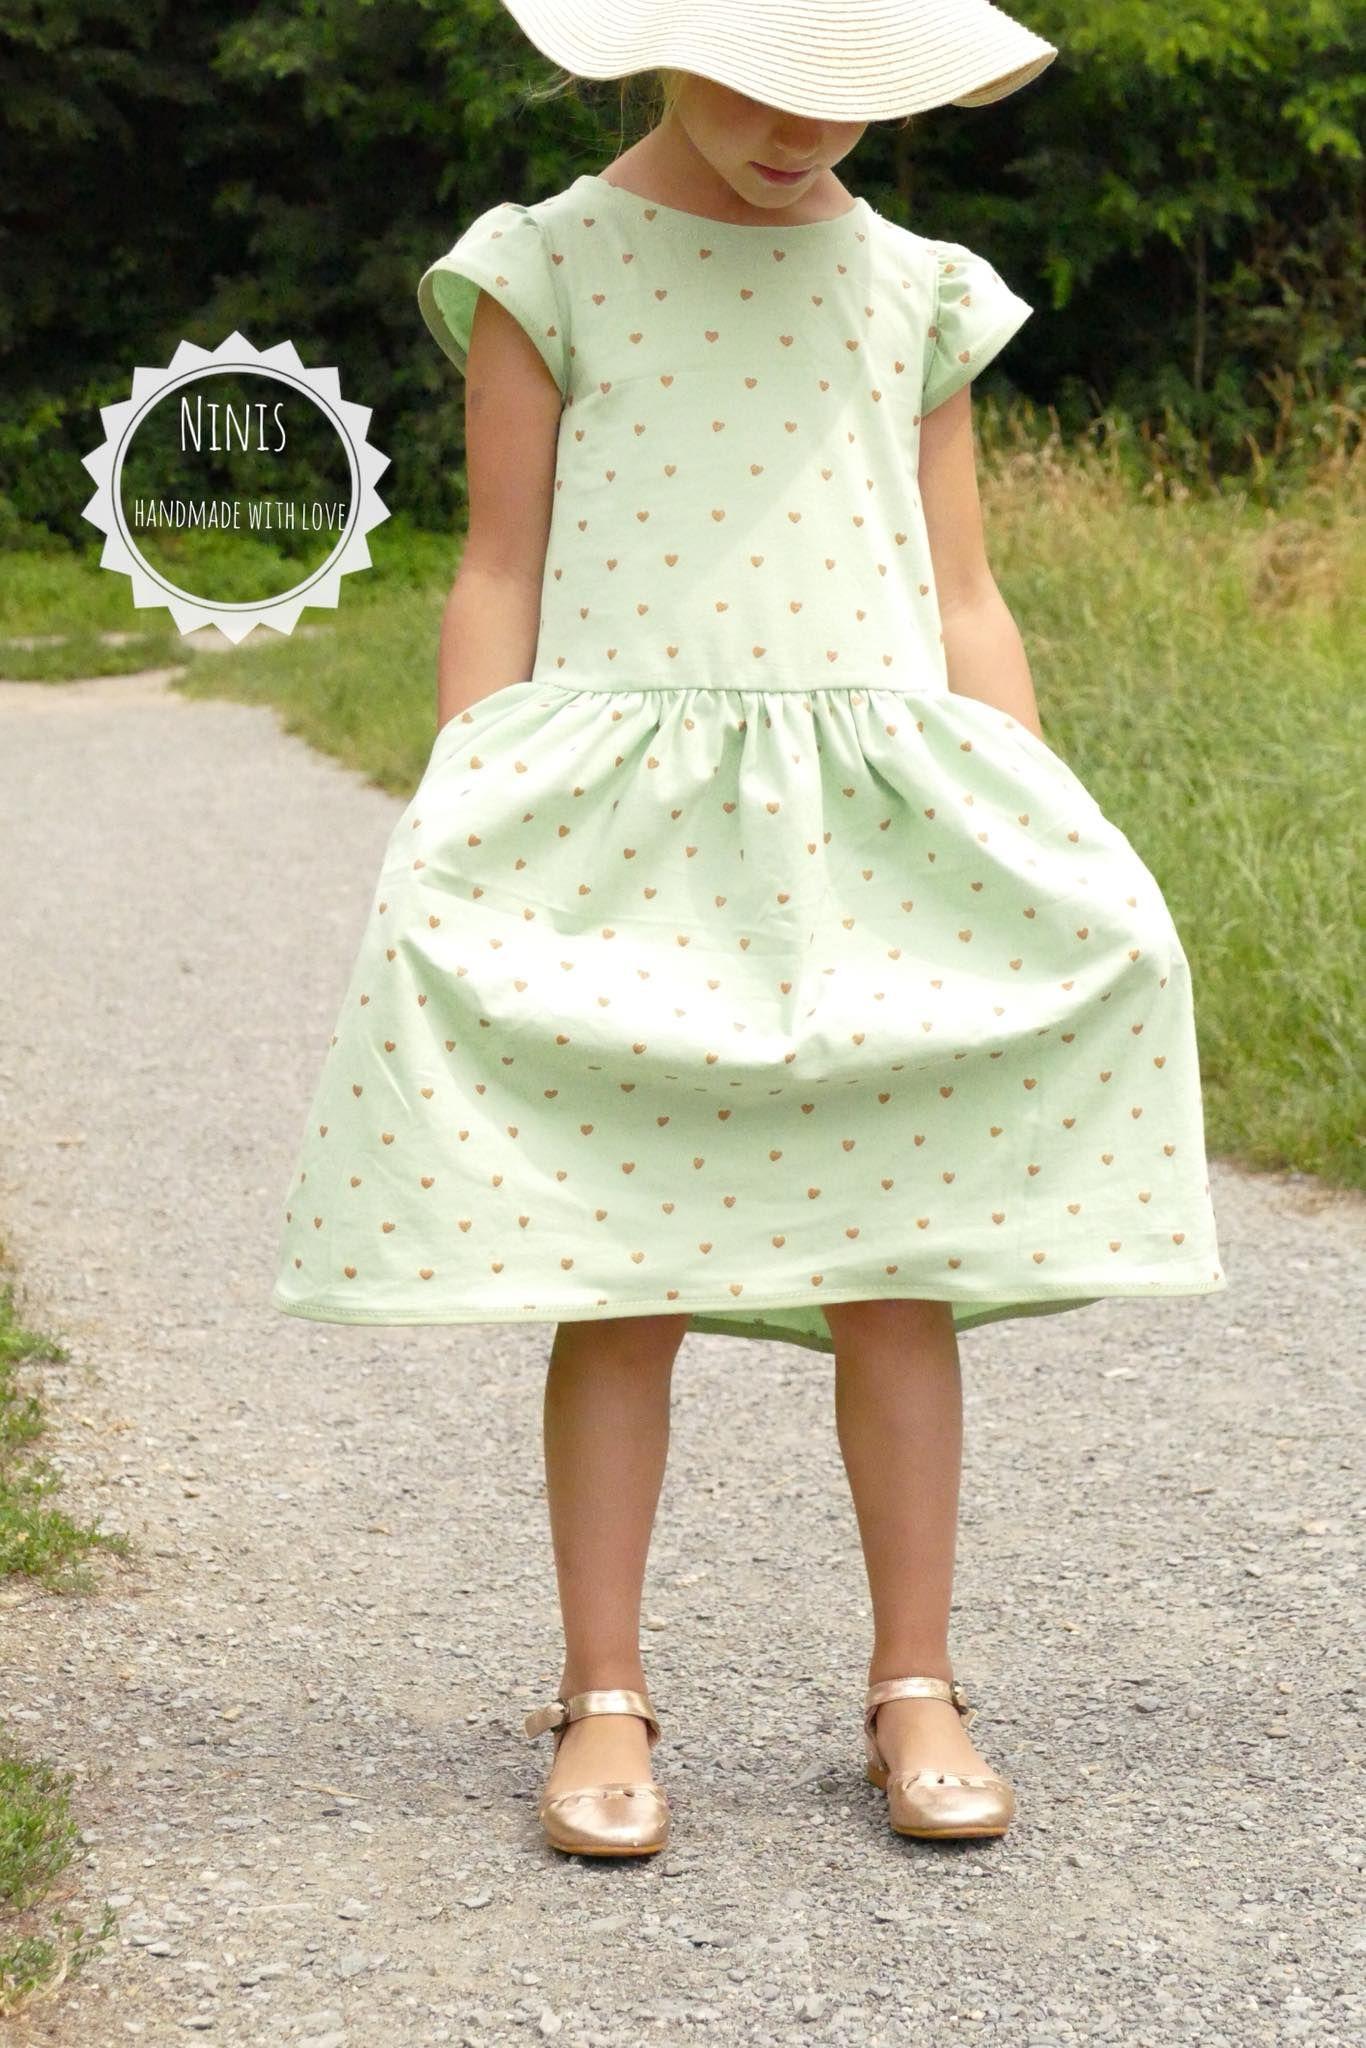 freddi | kleider für mädchen, kinder kleider, kinderkleidung